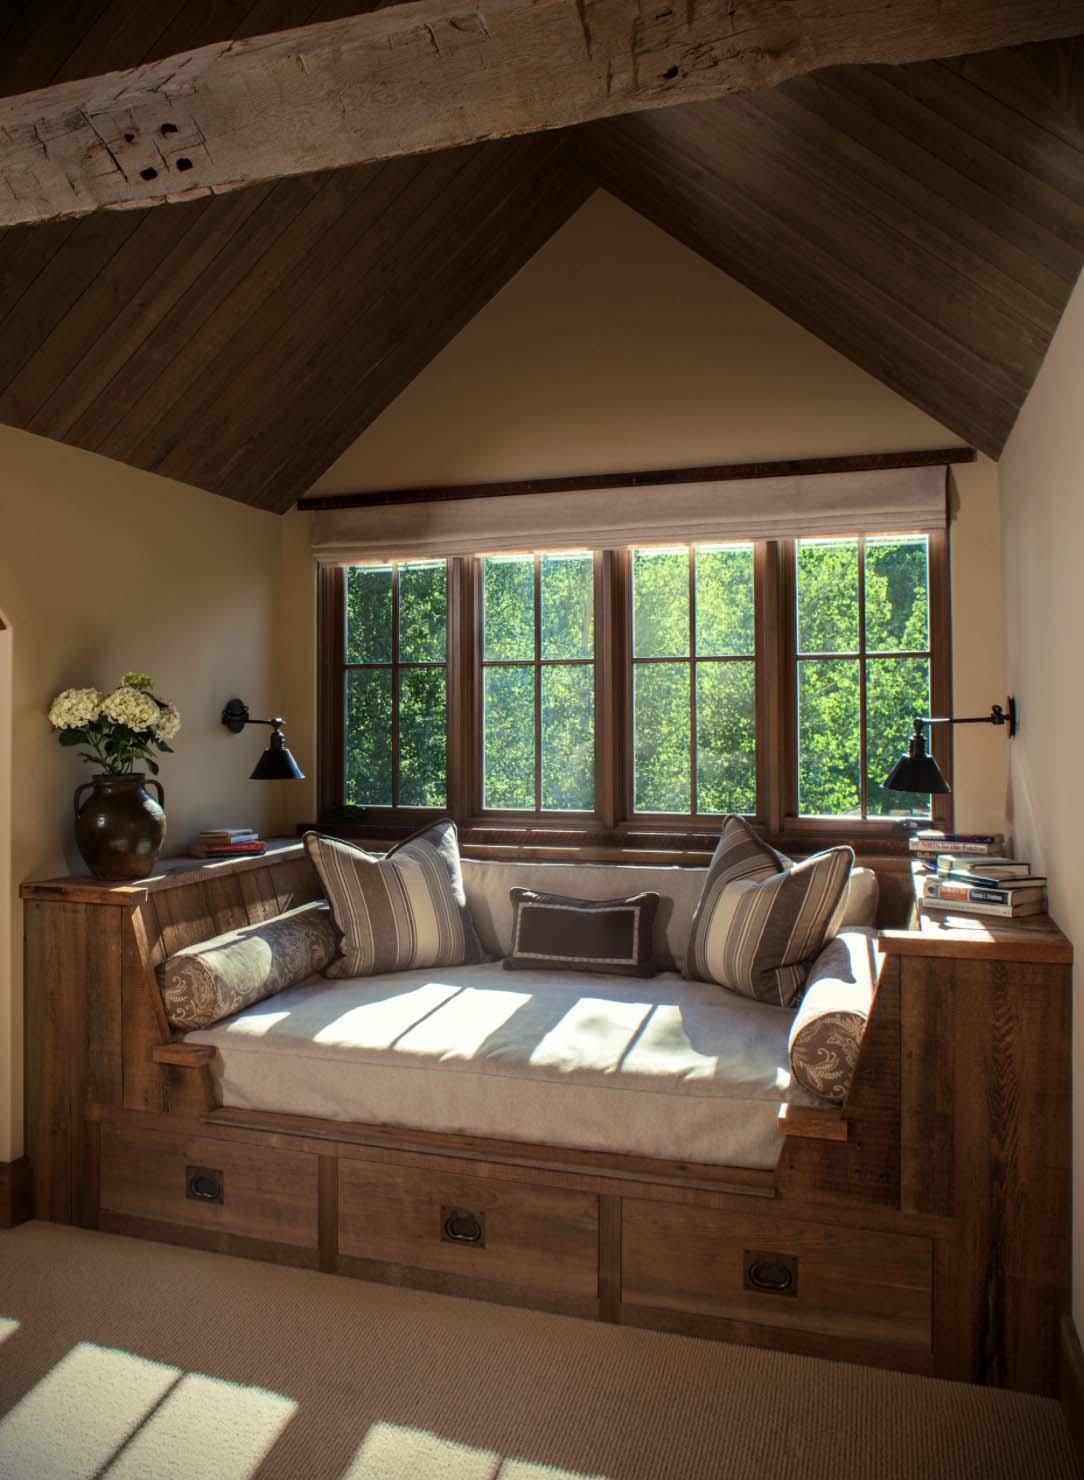 of je kiest ervoor om zelf met stukken hout iets moois te creren wees creatief en laat je inspireren door deze prachtige houten interieurs